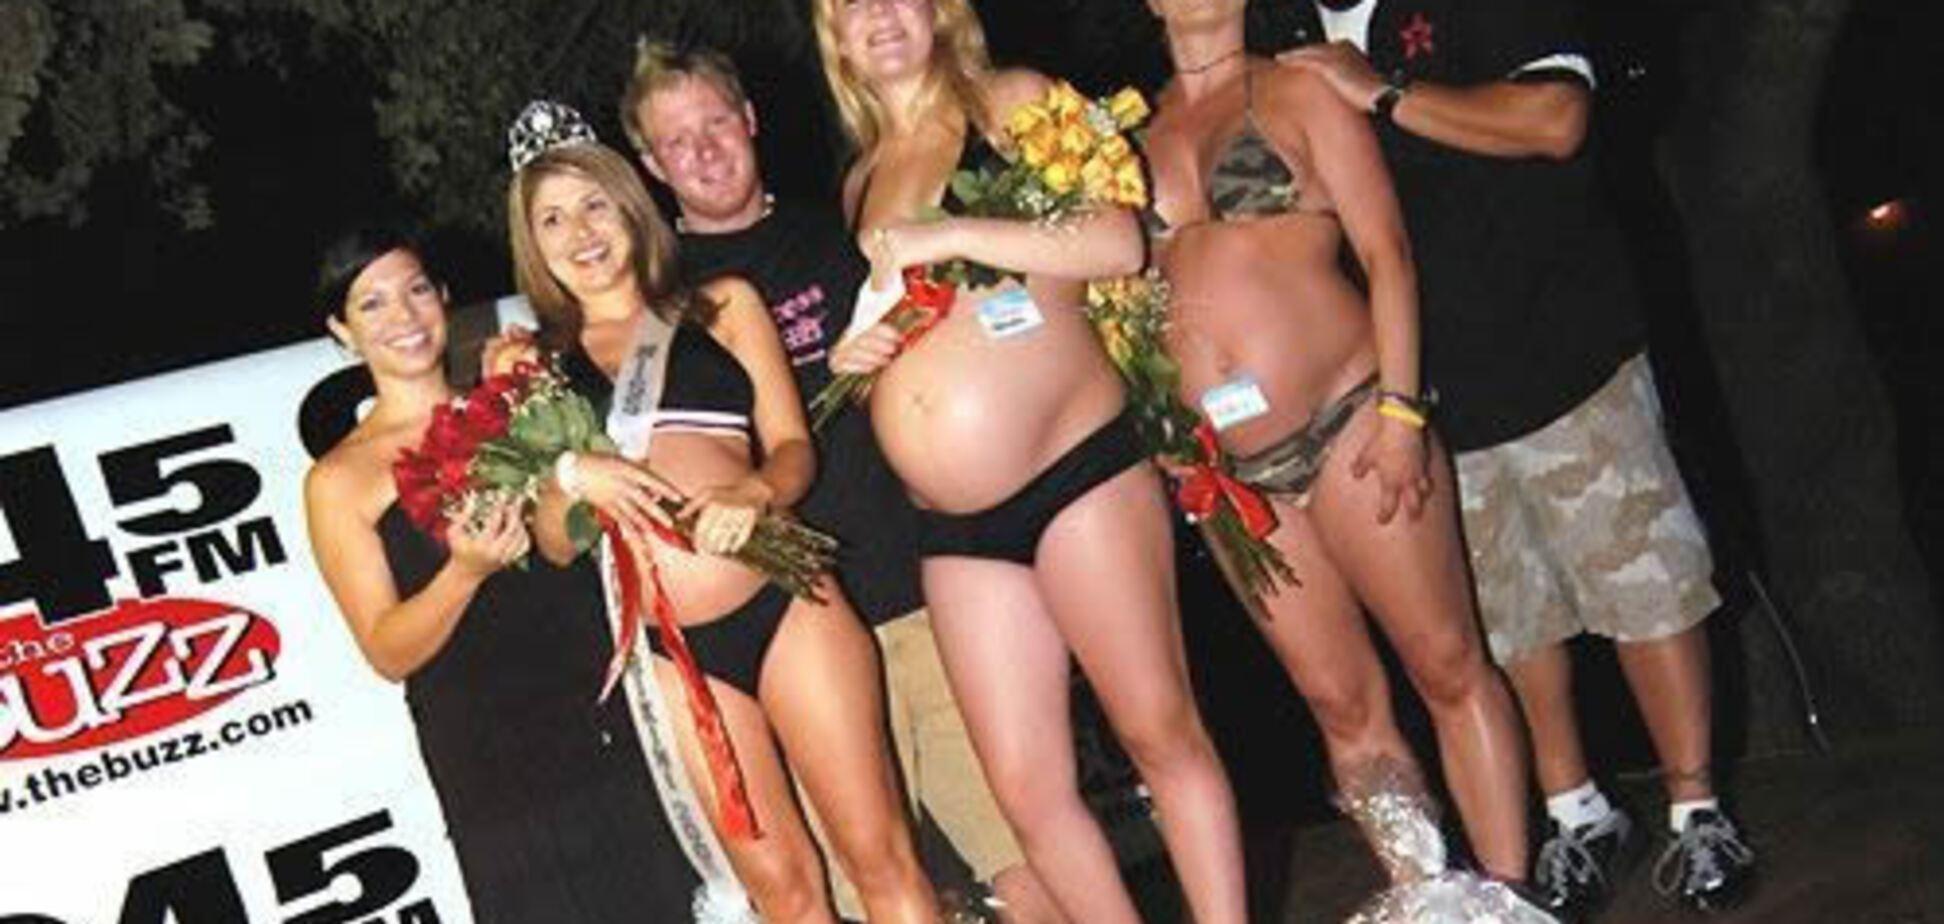 Выборы самой беременной красавицы. Или красивой беременной